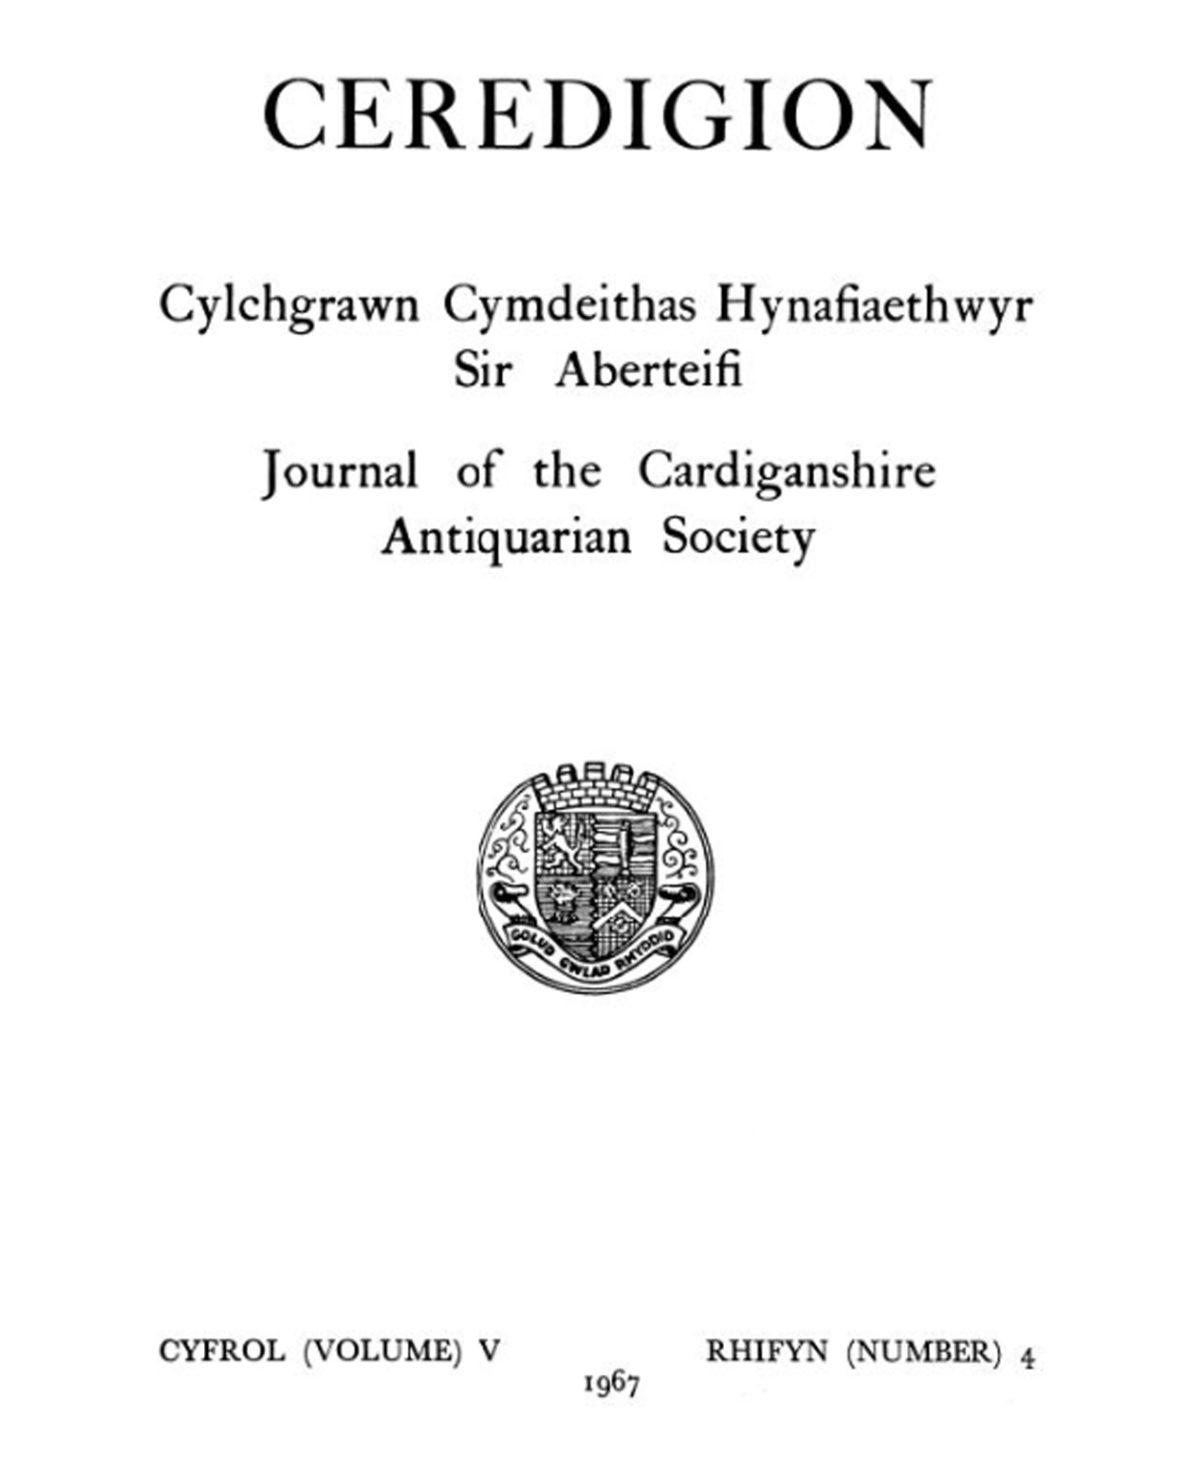 Ceredigion – Cylchgrawn Cymdeithas Hynafiaethwyr Sir Aberteifi, 1967 Cyfrol V Rhifyn 4